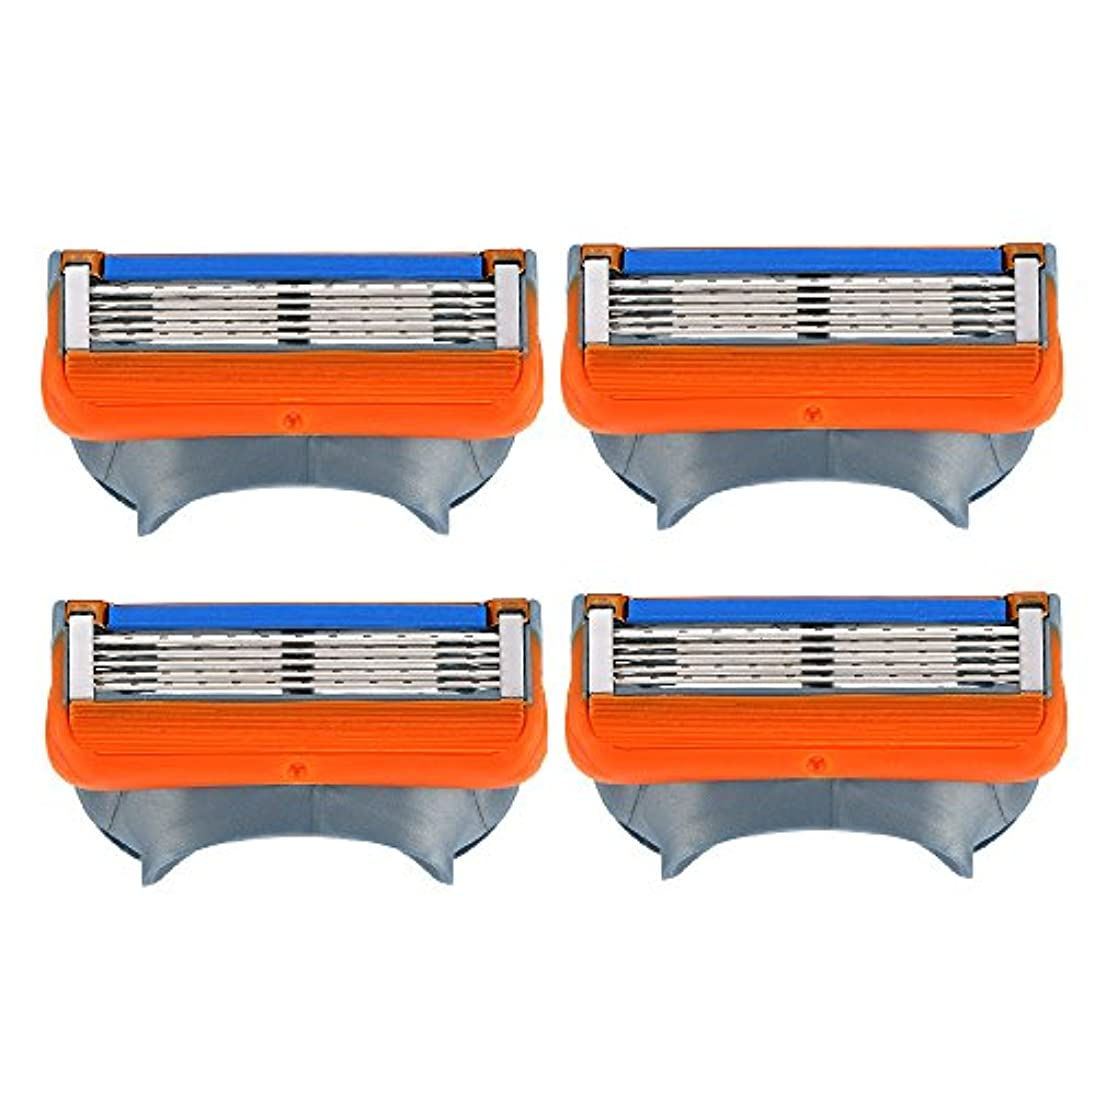 もろい最小するだろうAJACK 4個 シェーバーヘッド 交換用 5層ブレード ジレットかみそりに適用